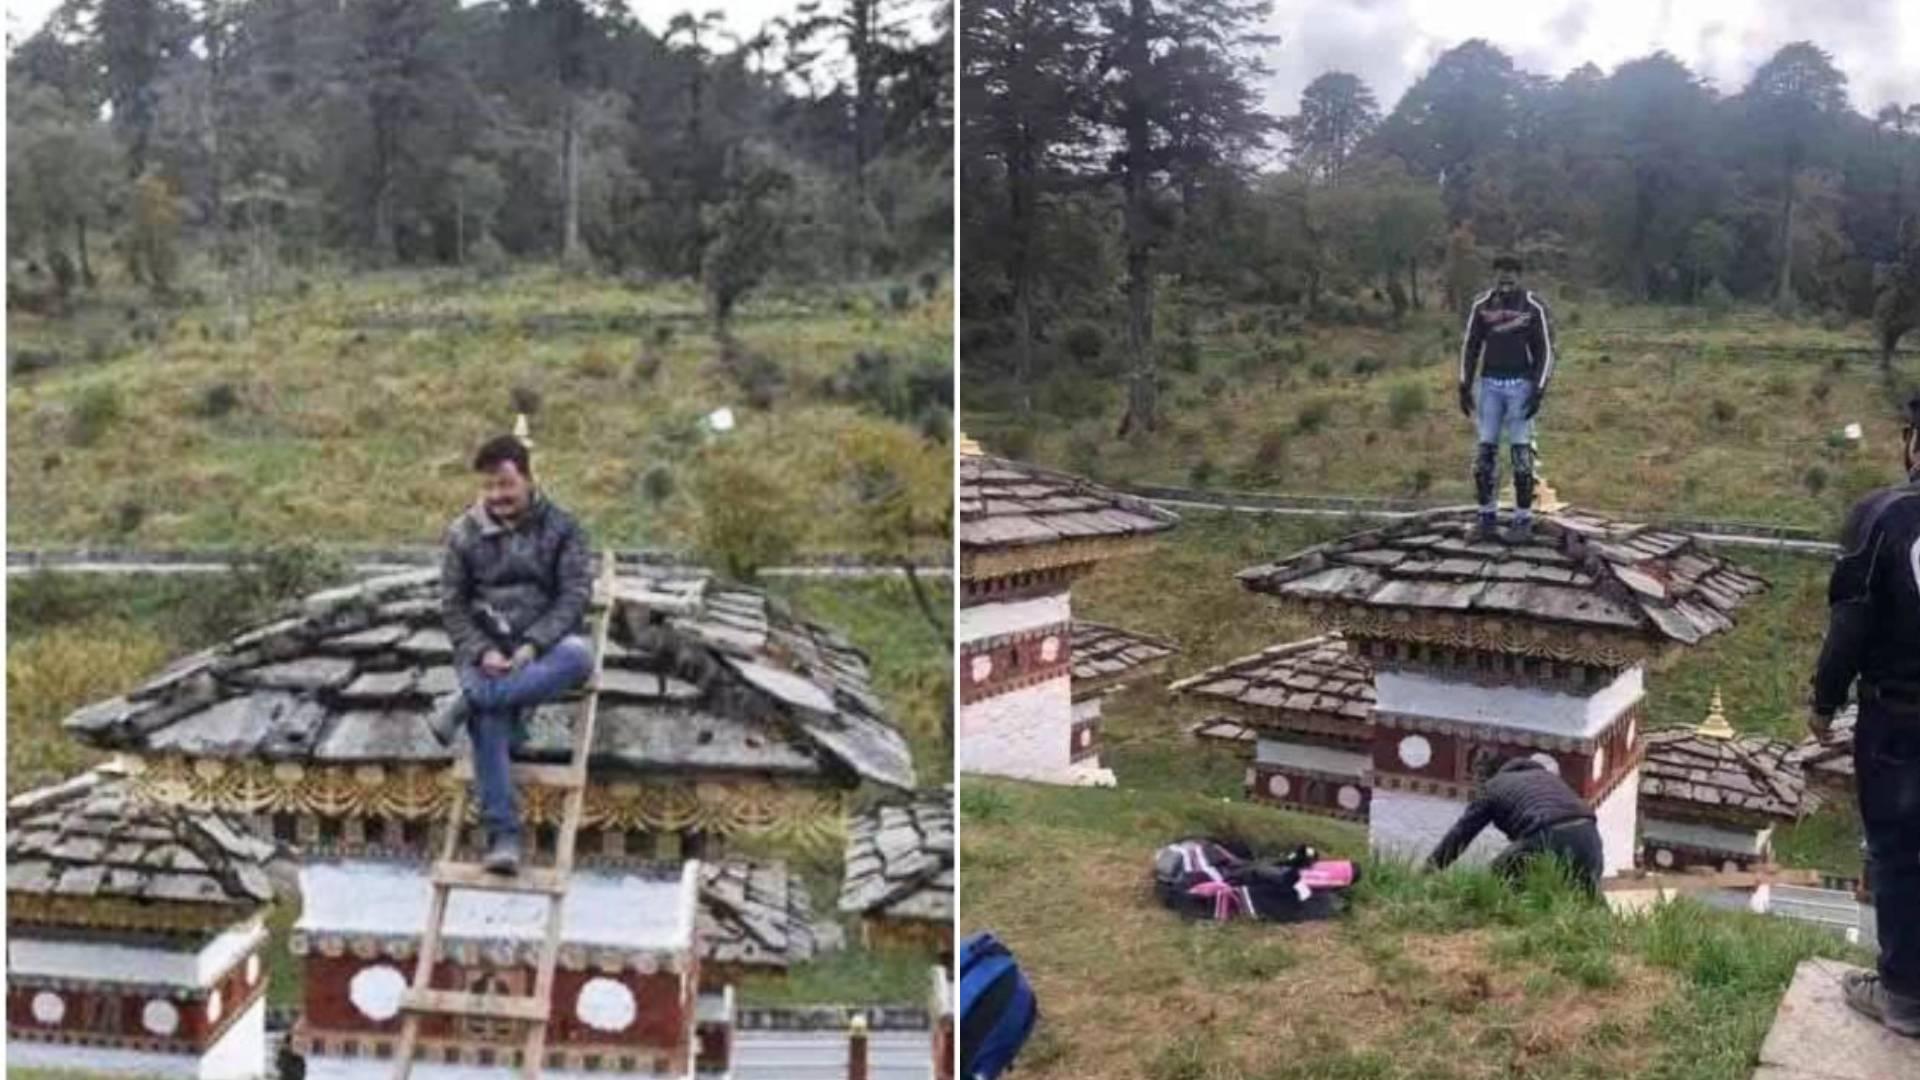 एक फोटो के लिए अभिजीत हजारे ने भूटान में की ऐसी शर्मनाक हरकत, चारों तरफ हो रही थू-थू, शर्मिंदा हुए भारतीय